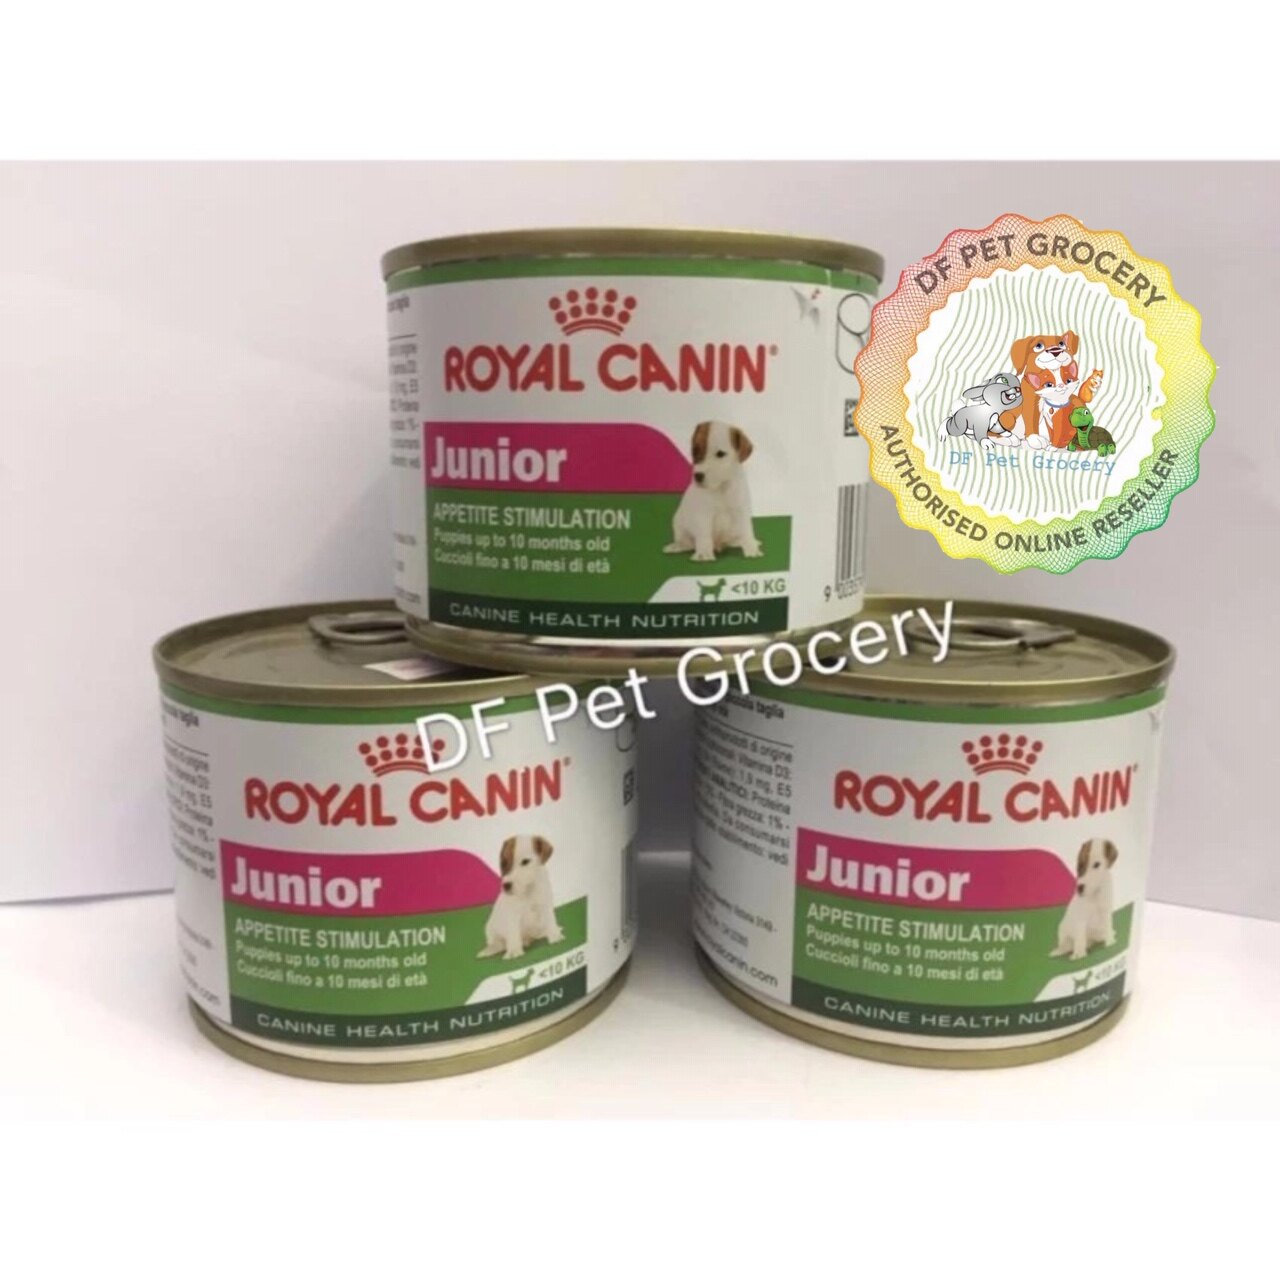 Royal Canin Canine Health Nutrition Junior 195g